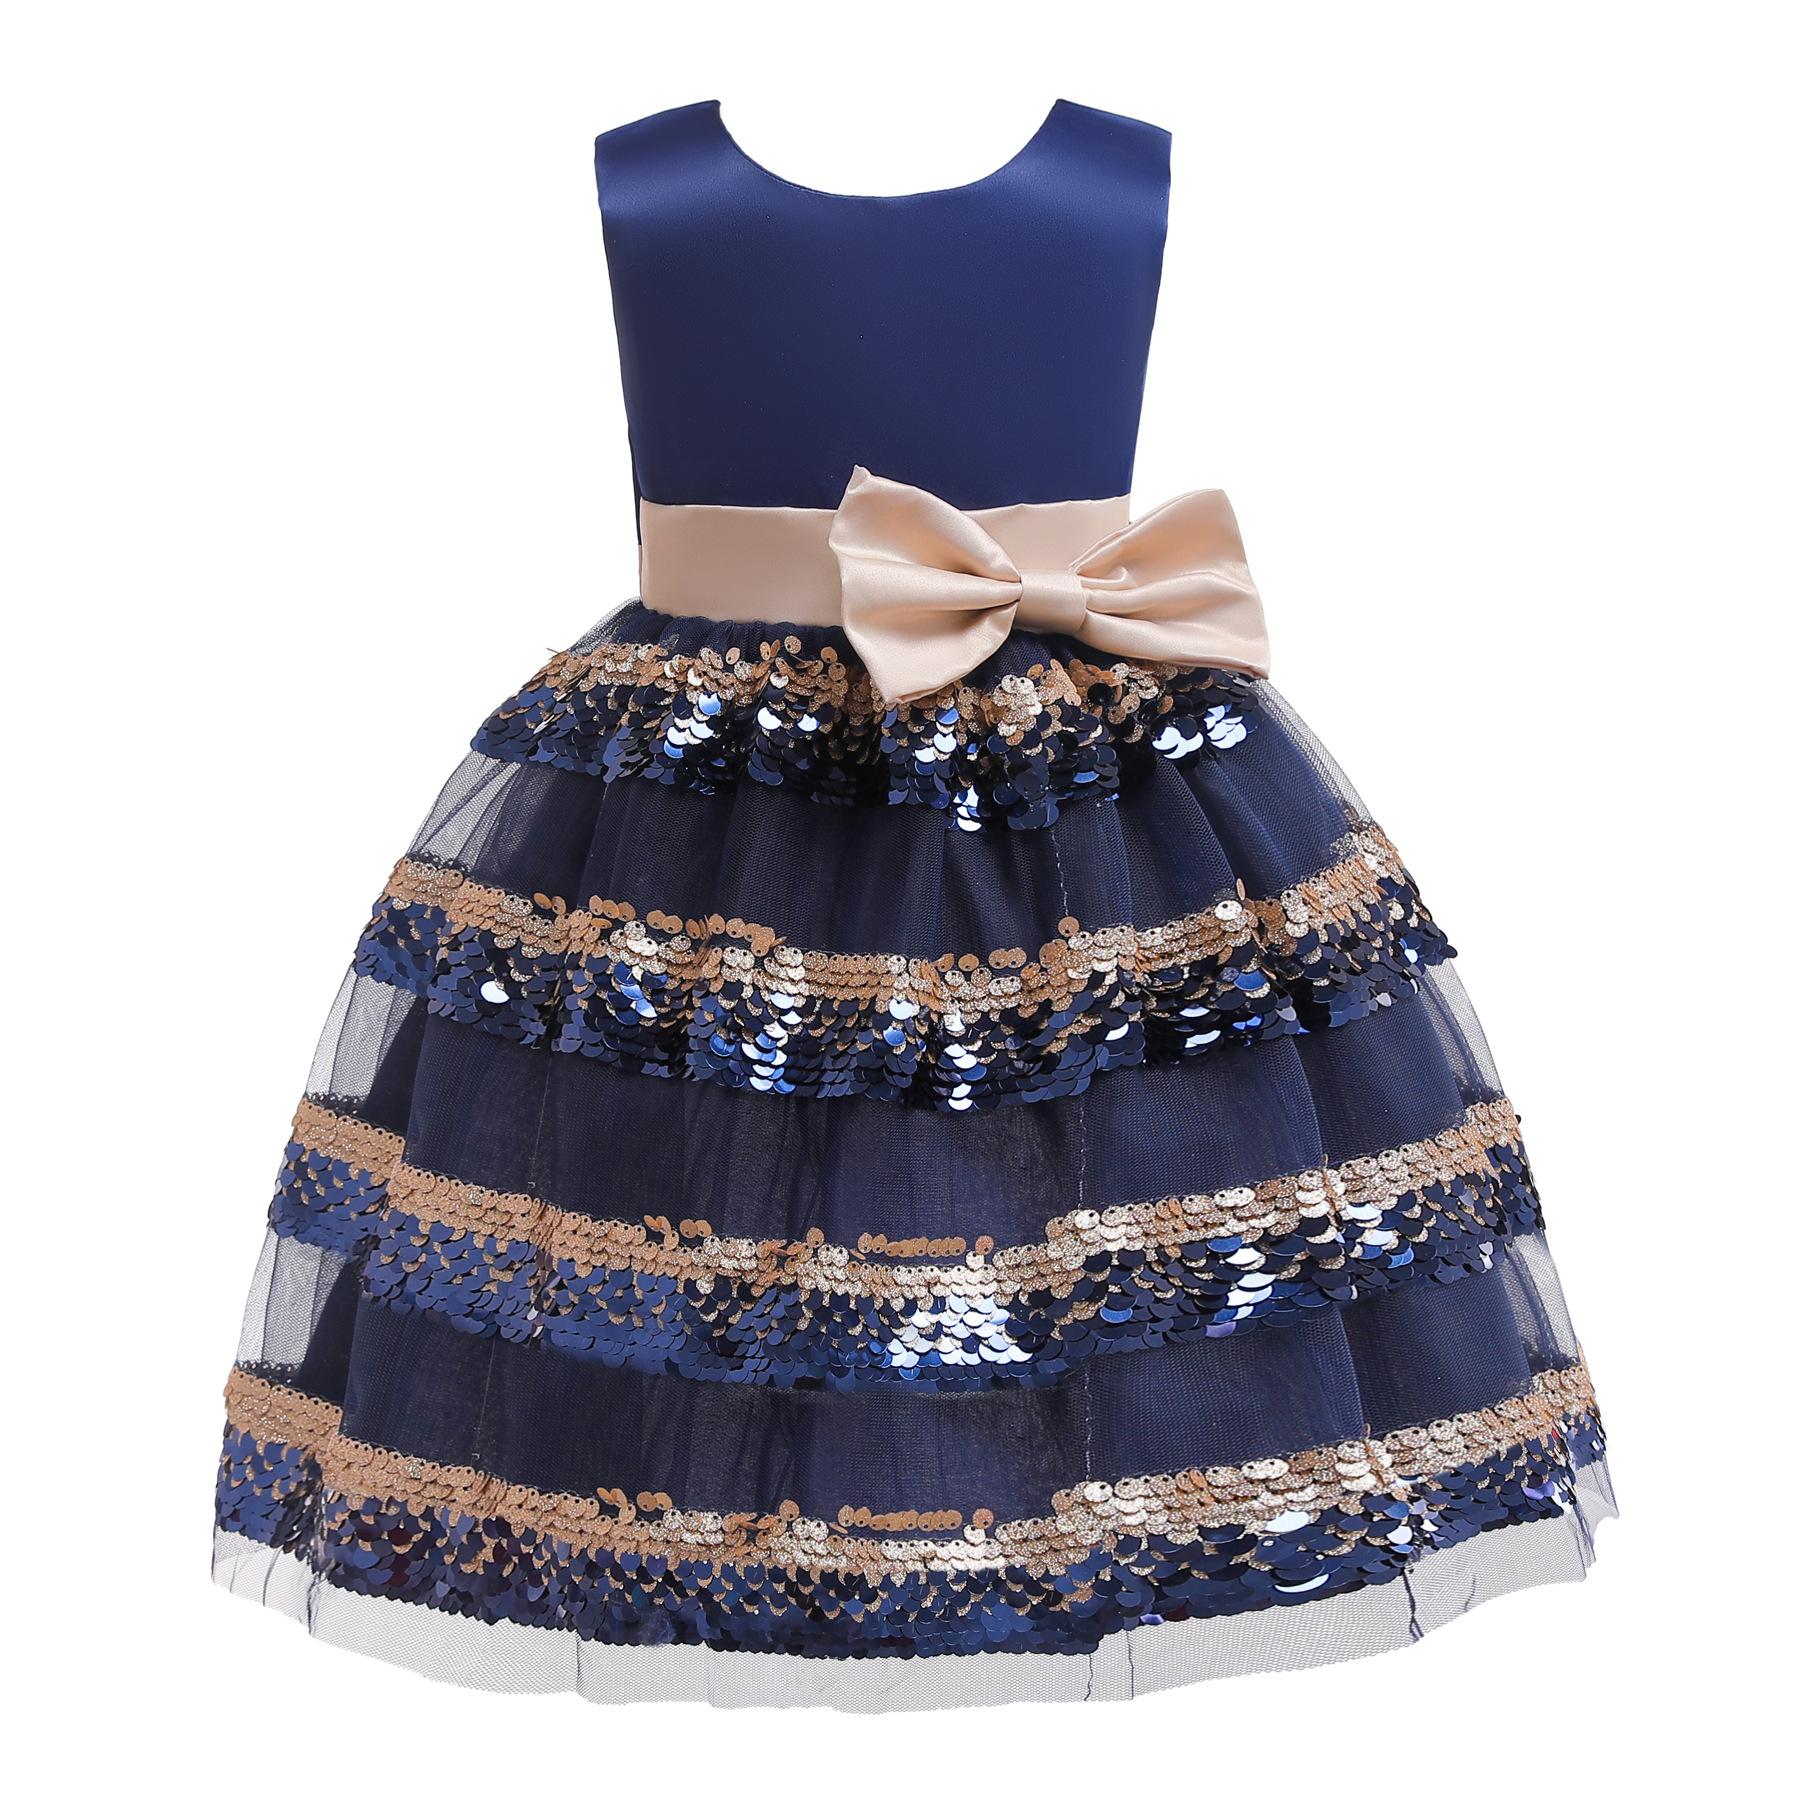 8eccd4417 Los niños vestido de fiesta elegante tul lentejuelas boda niños vestidos  para niñas